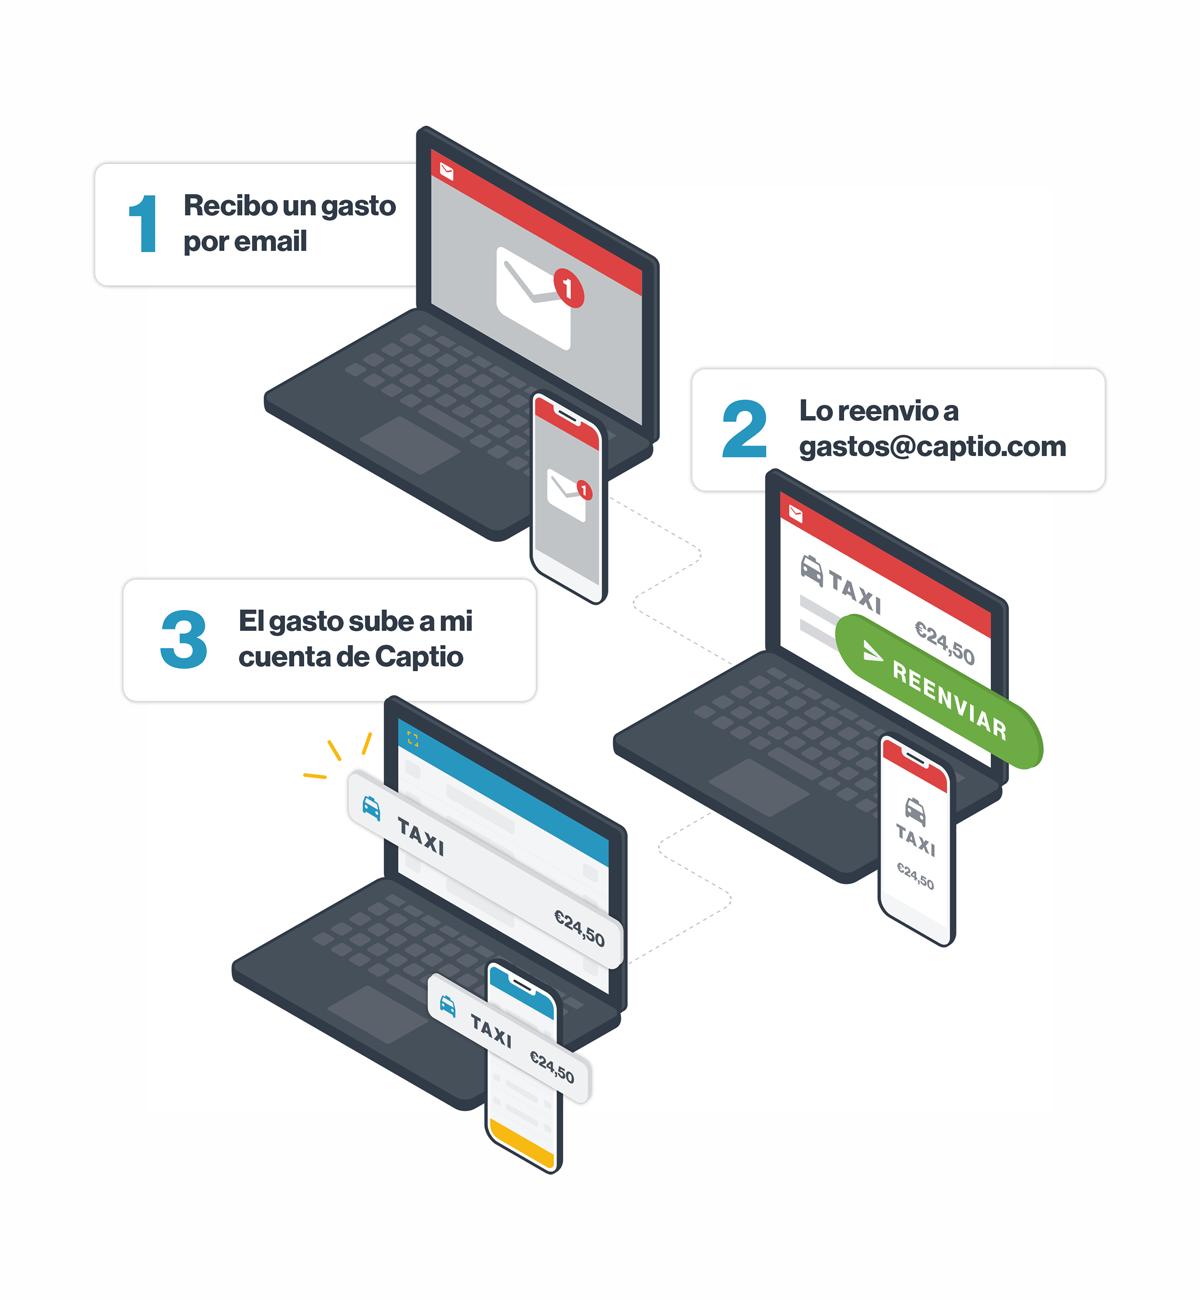 Sube gastos digitales vía email